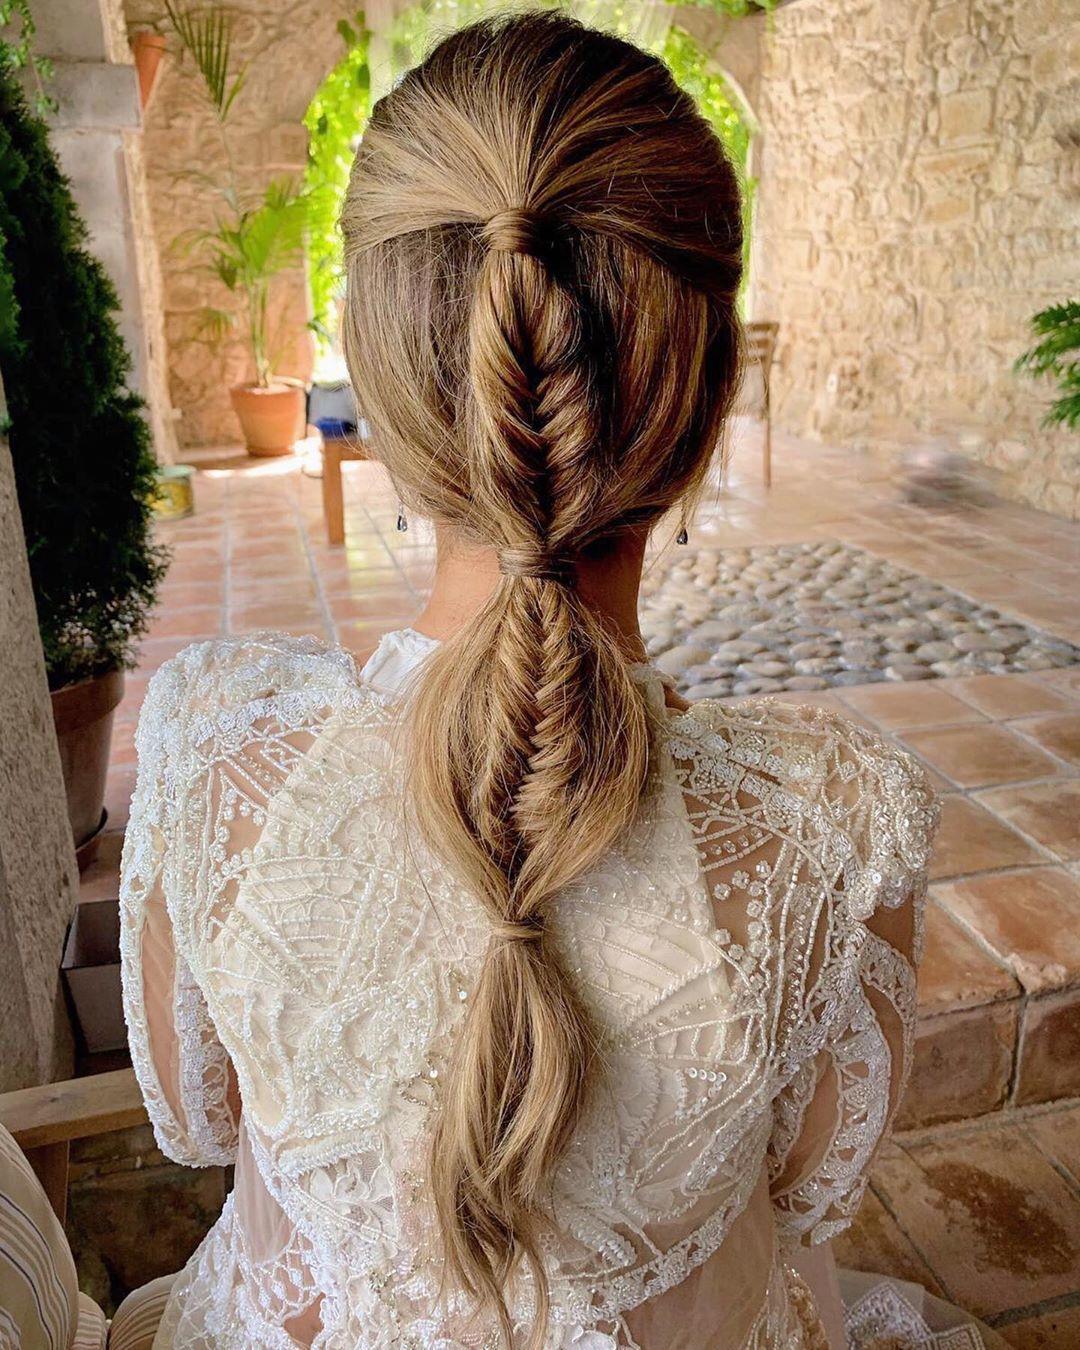 Encantador peinados con coleta Colección De Cortes De Pelo Ideas - Peinados con coleta del verano 2019: coletas altas, coleta ...